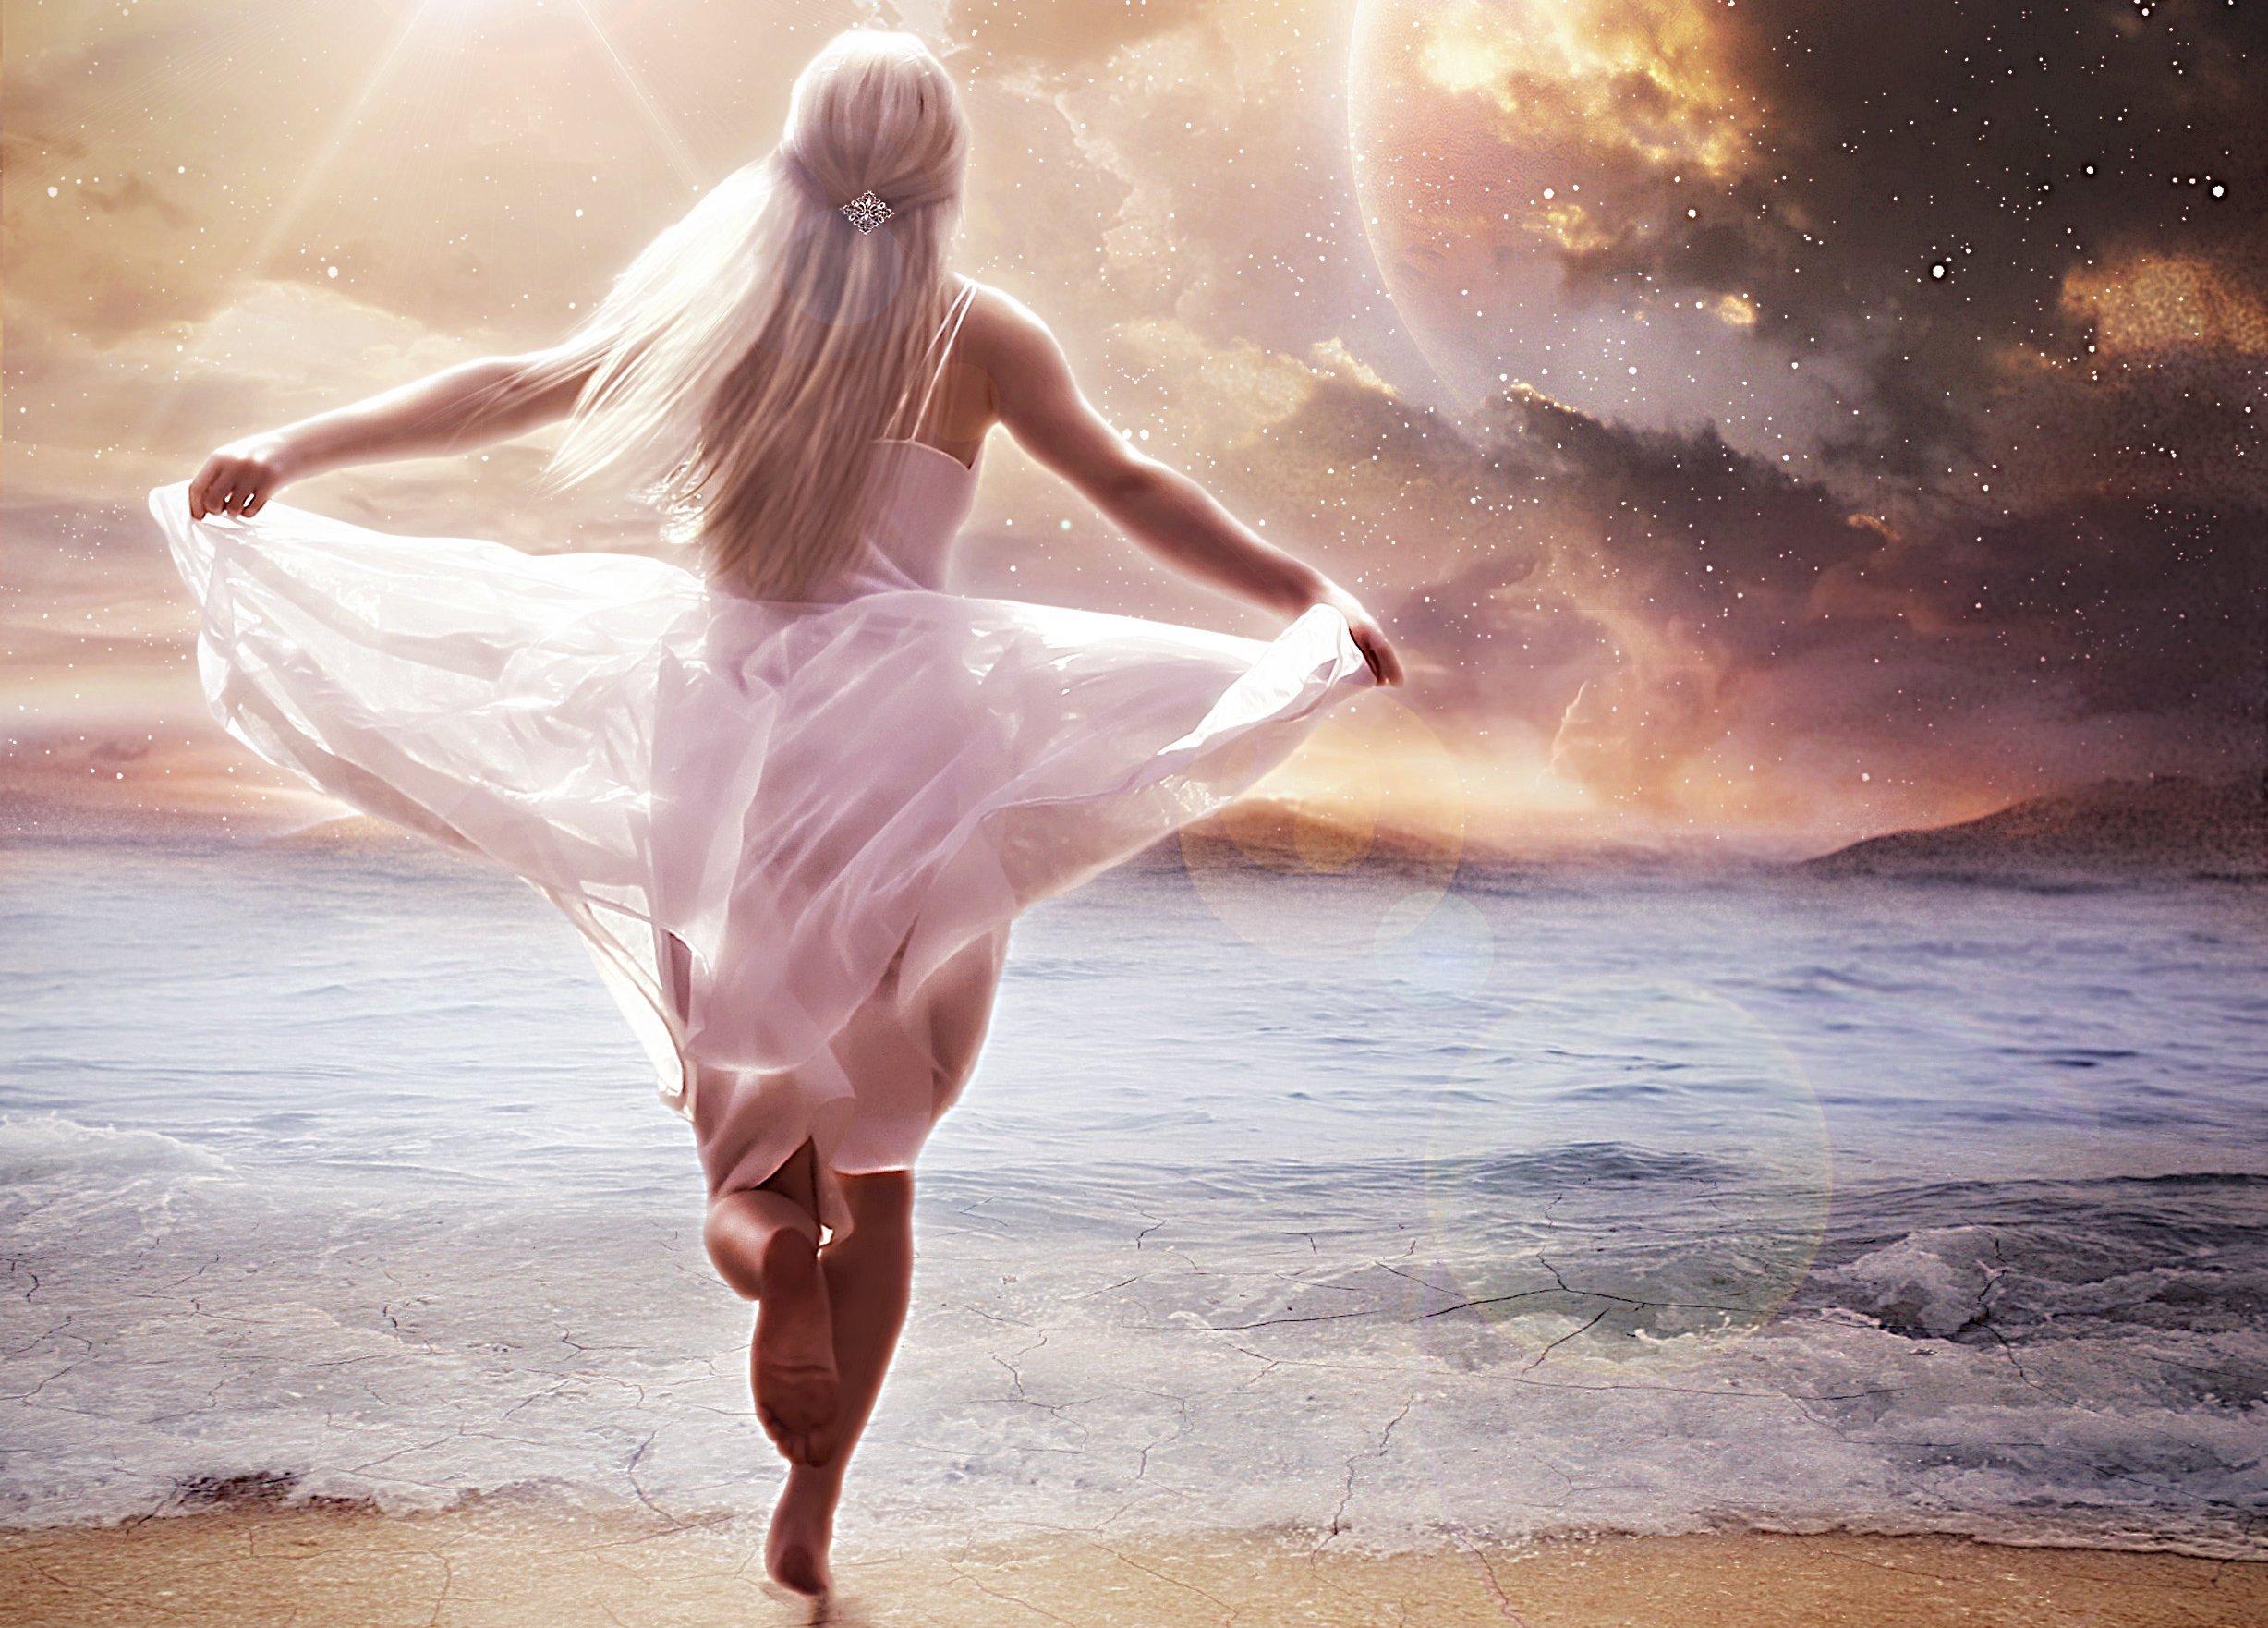 Фото девушек на аву без лица блондинка звездное небо